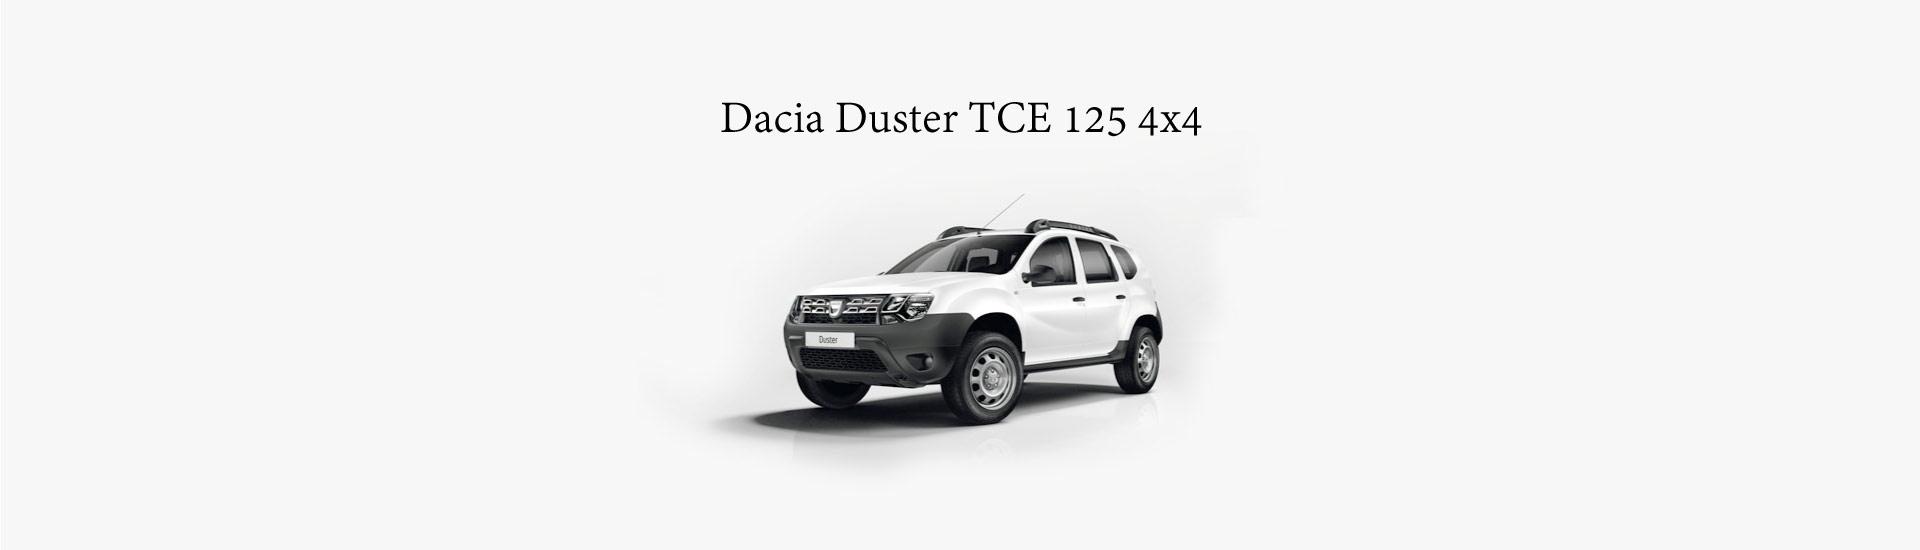 Dacia Duster 輸入販売